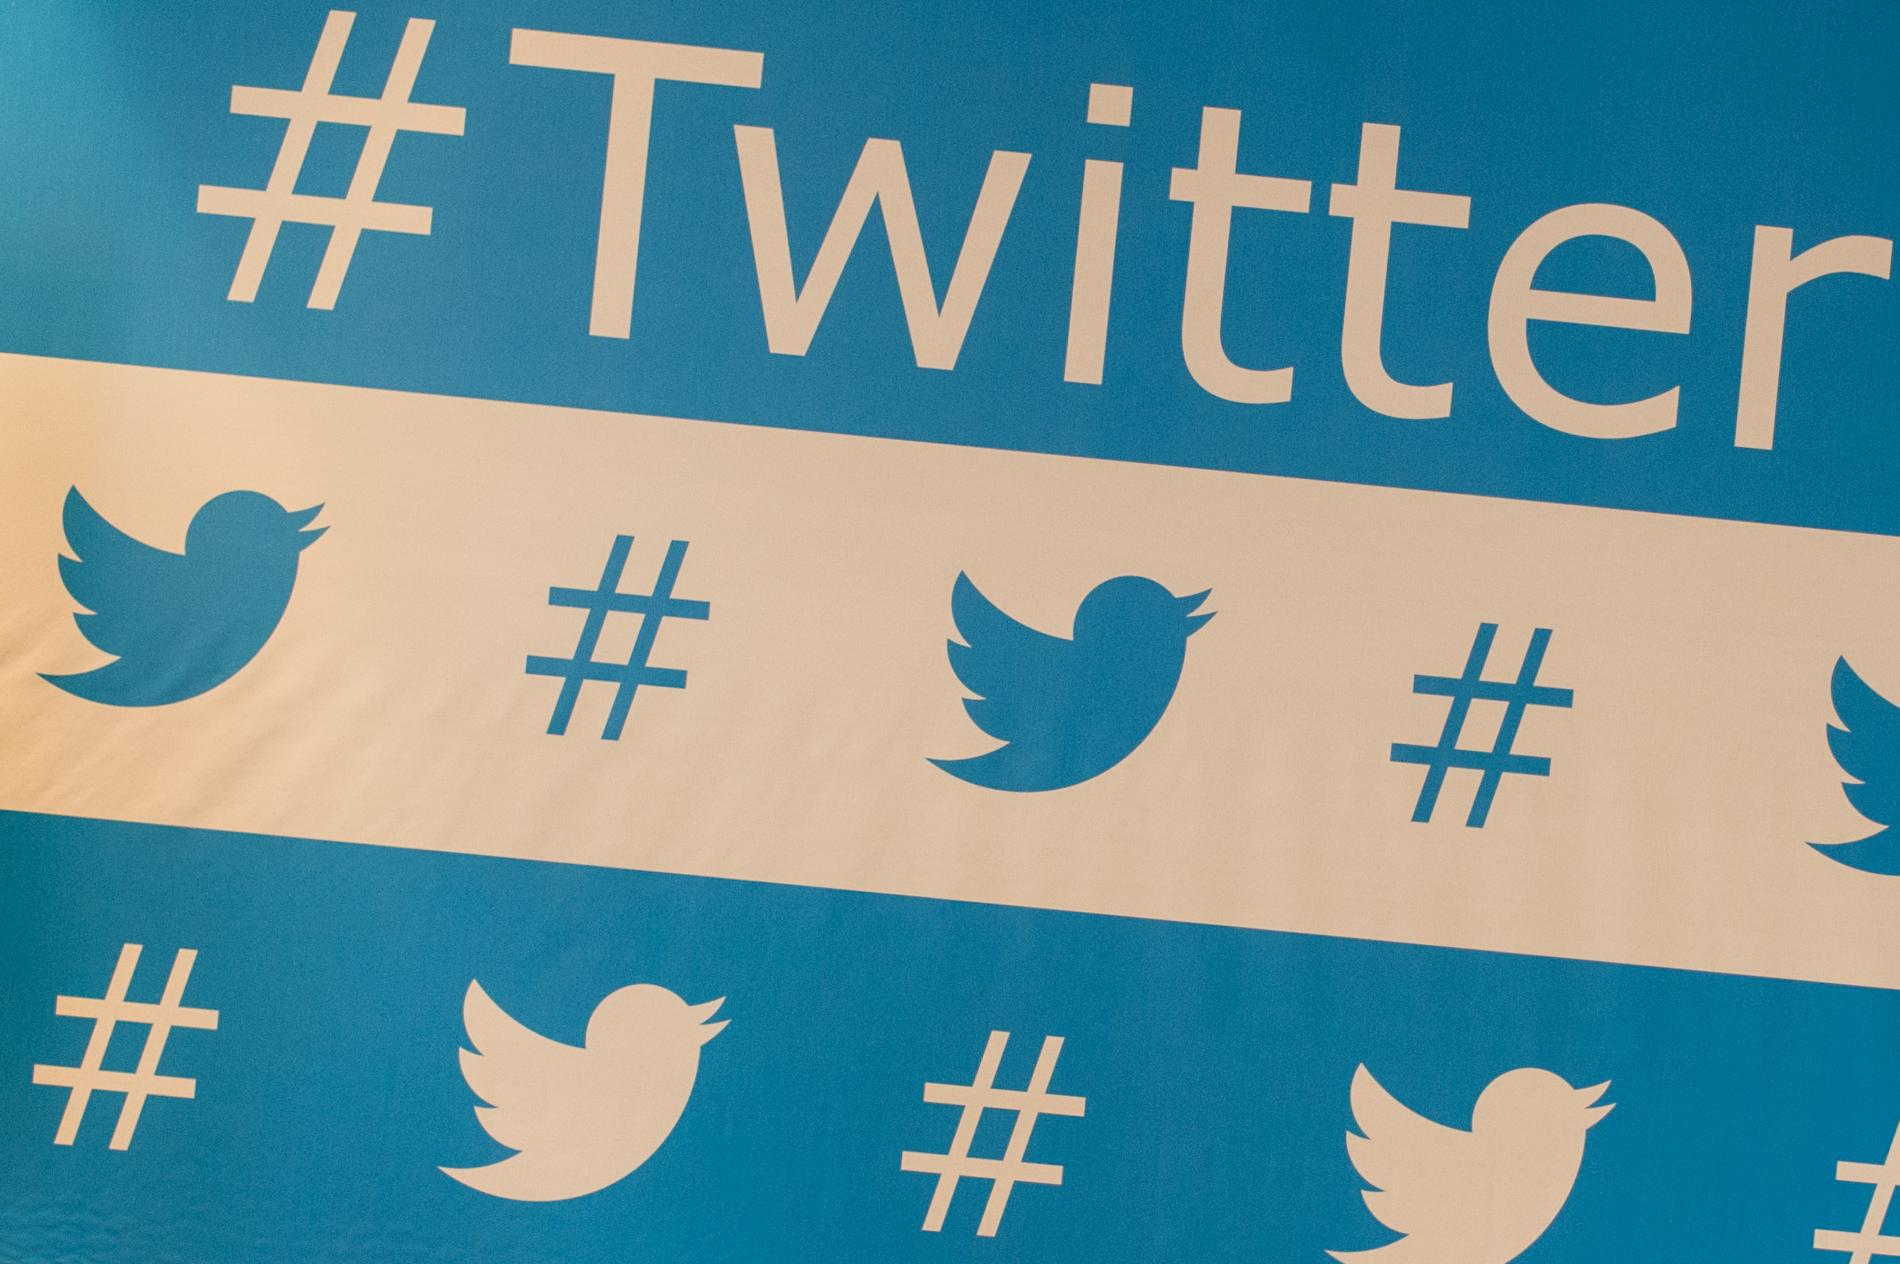 Сервис микроблоггинга Twitter и корпорация IBM объявили о партнерстве